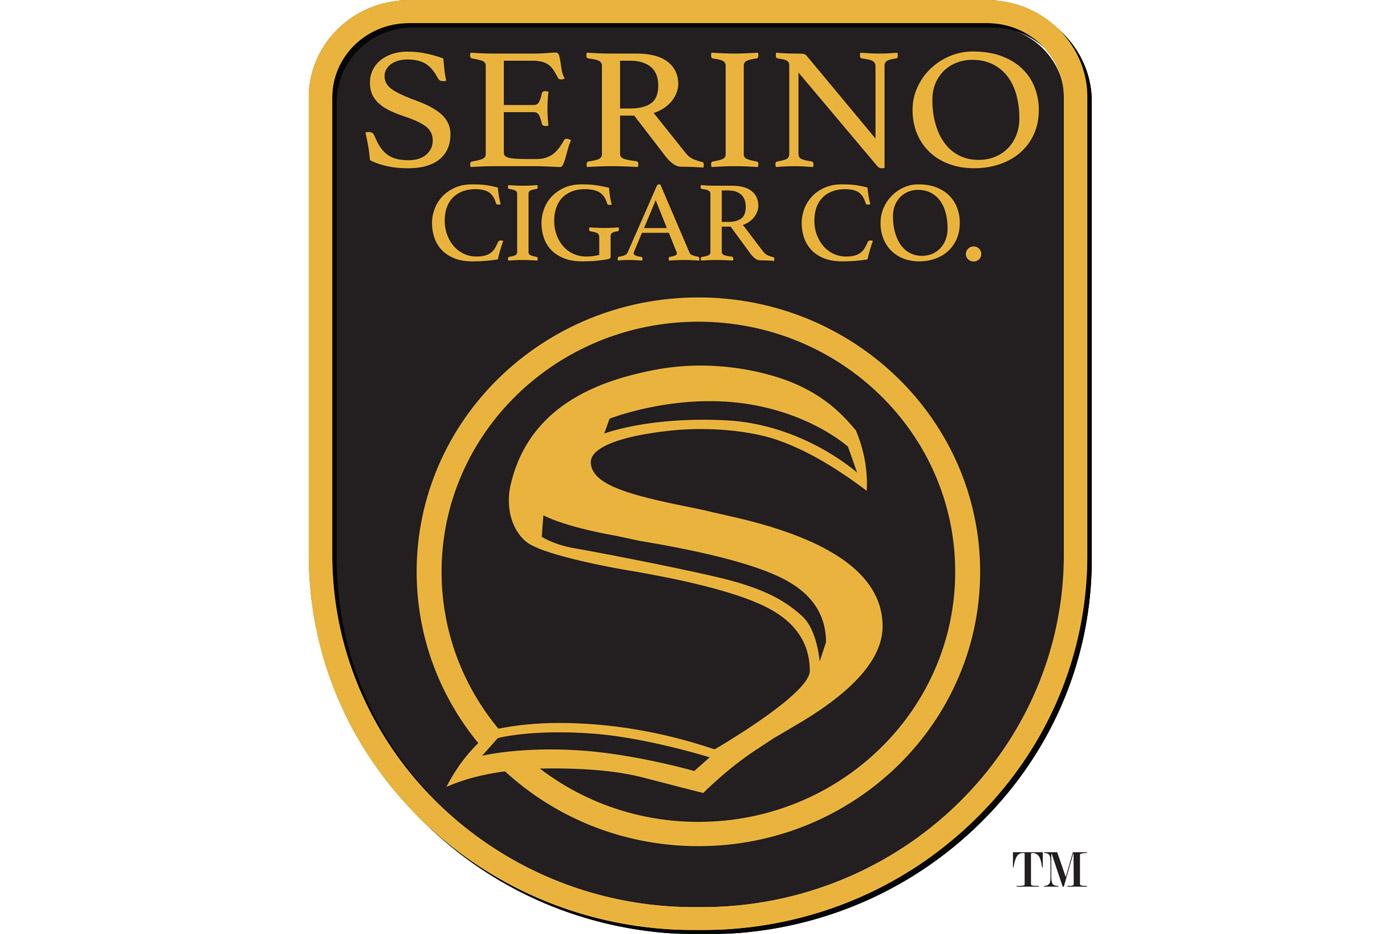 Serino Cigar Co. logo